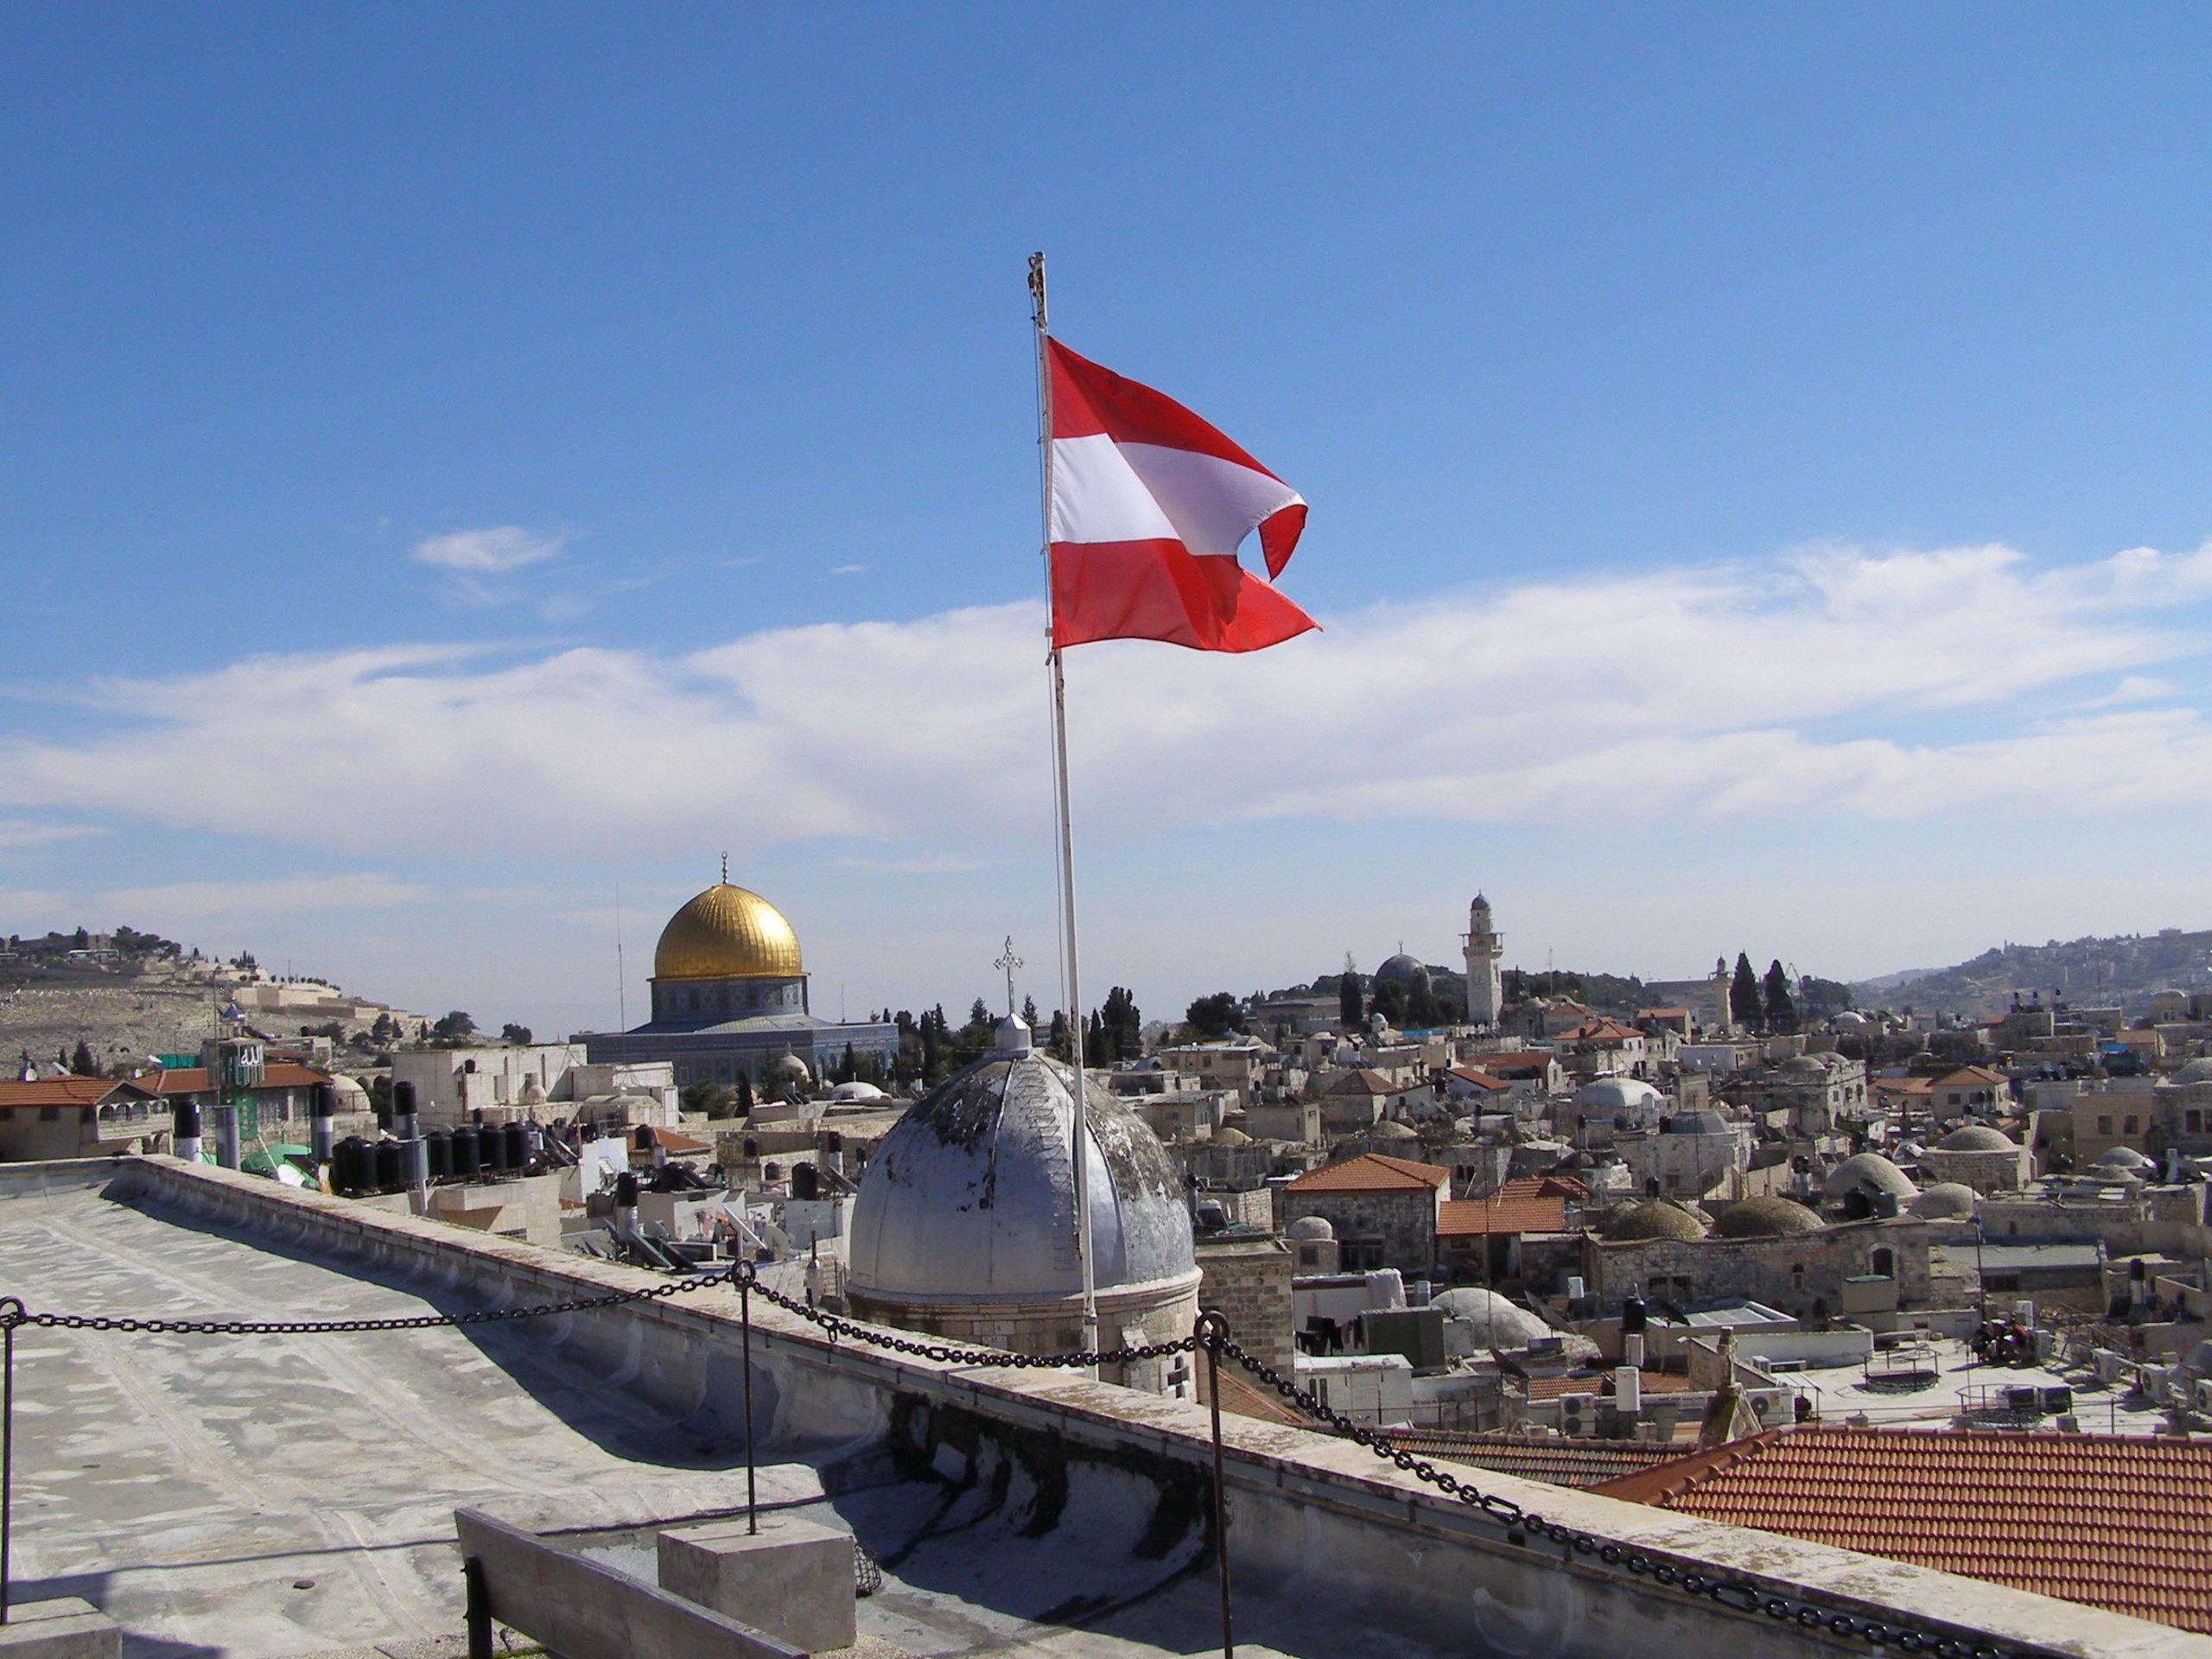 בעקבות מלונות היסטוריים בירושלים